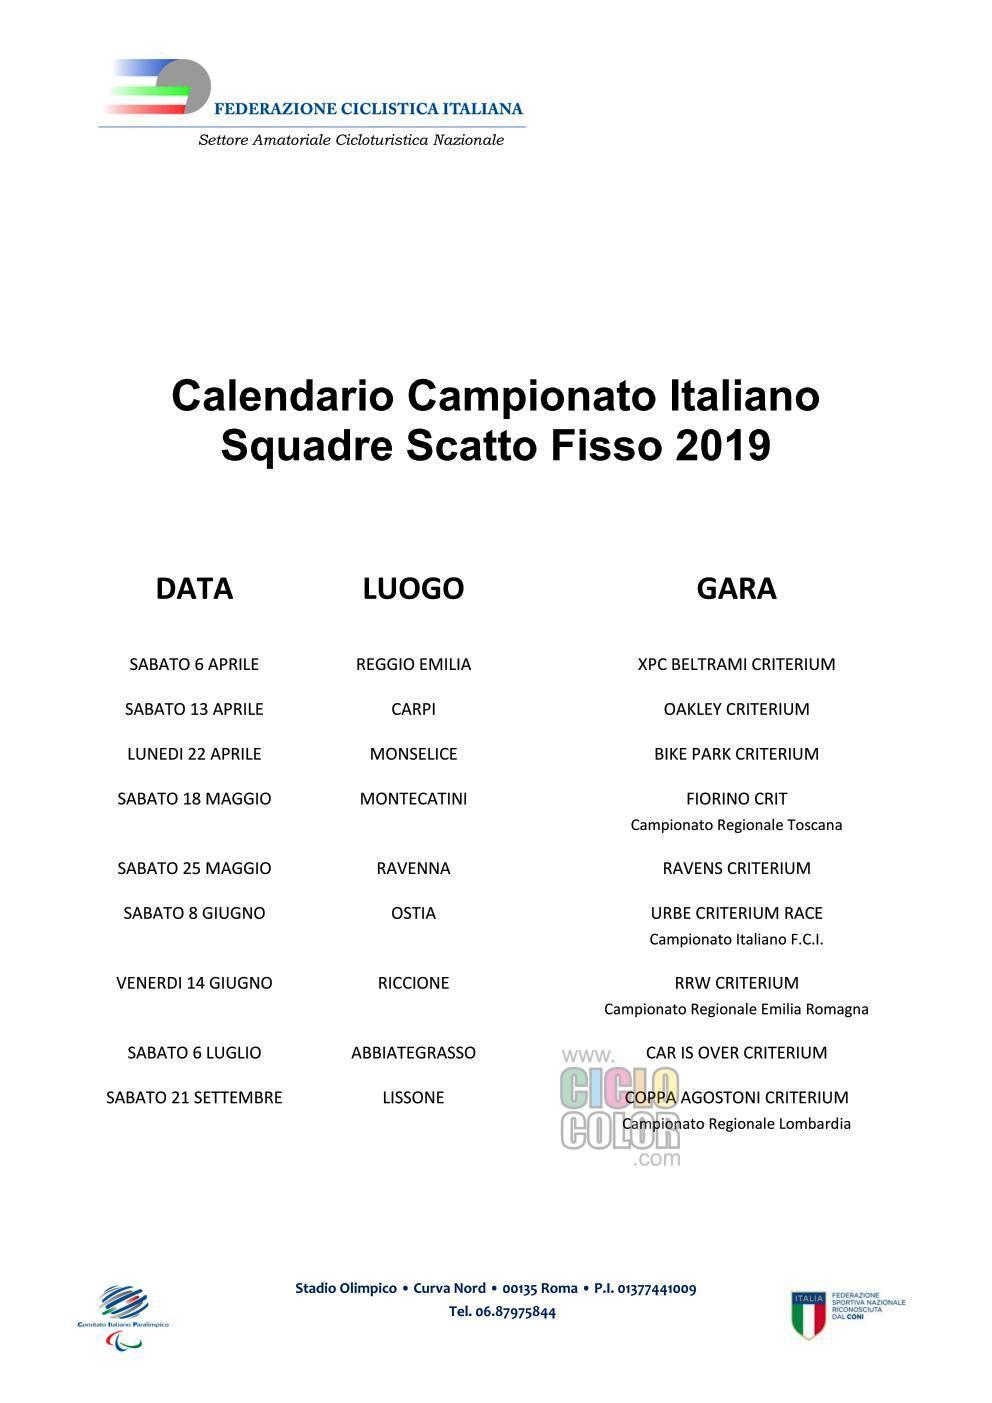 Fci Calendario.Fci Calendario 2019 Fixed Campionato Italiano Squadre